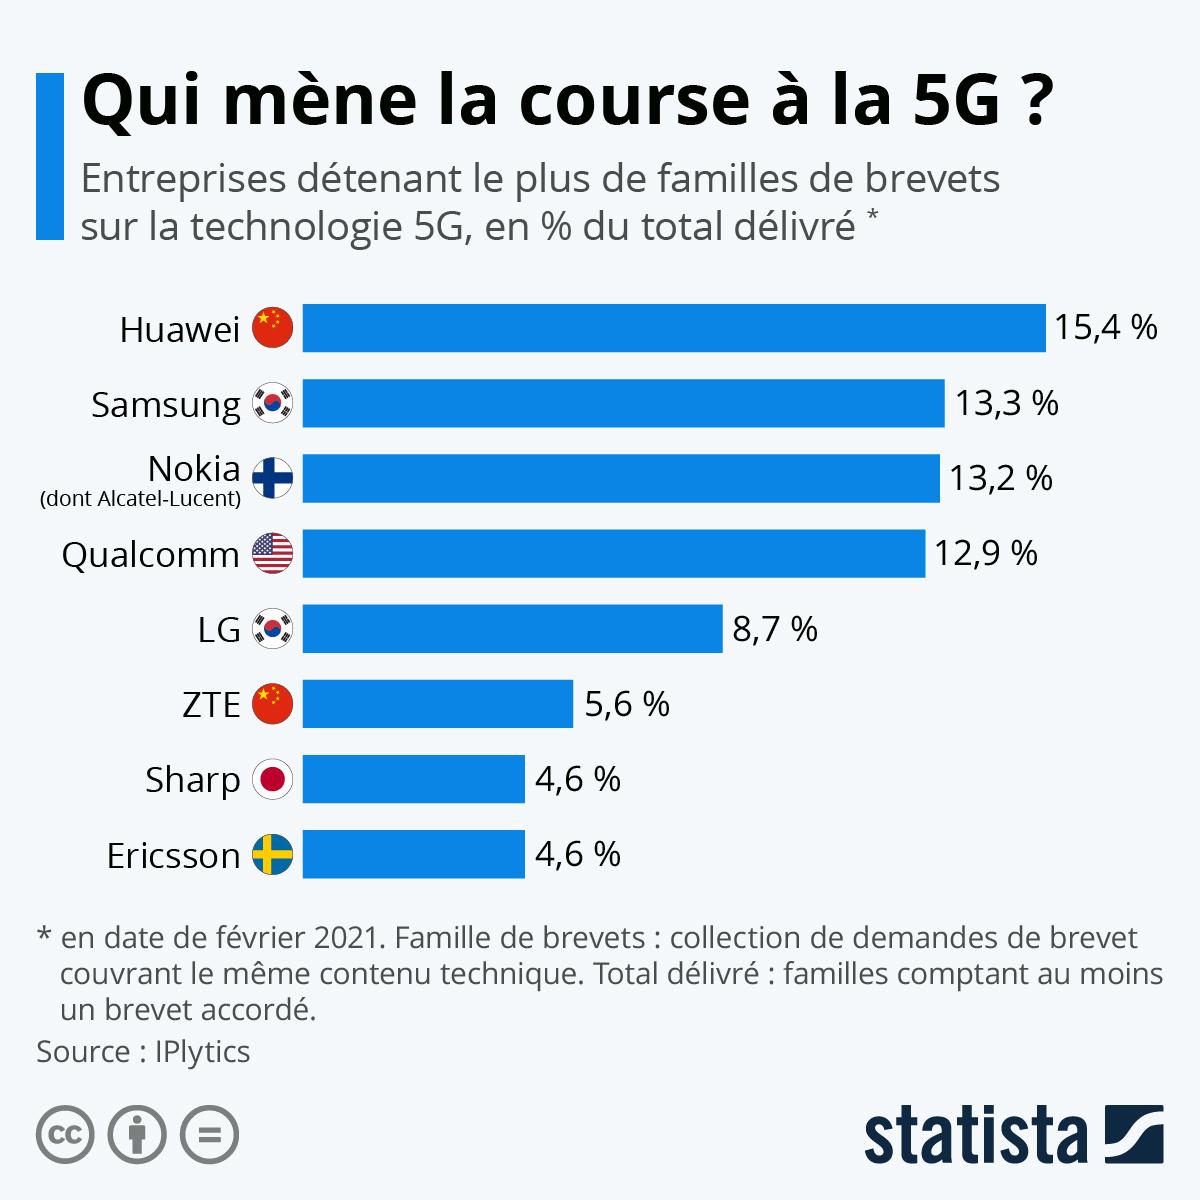 Infographie: Télécoms : les entreprises qui mènent la course à la 5G | Statista